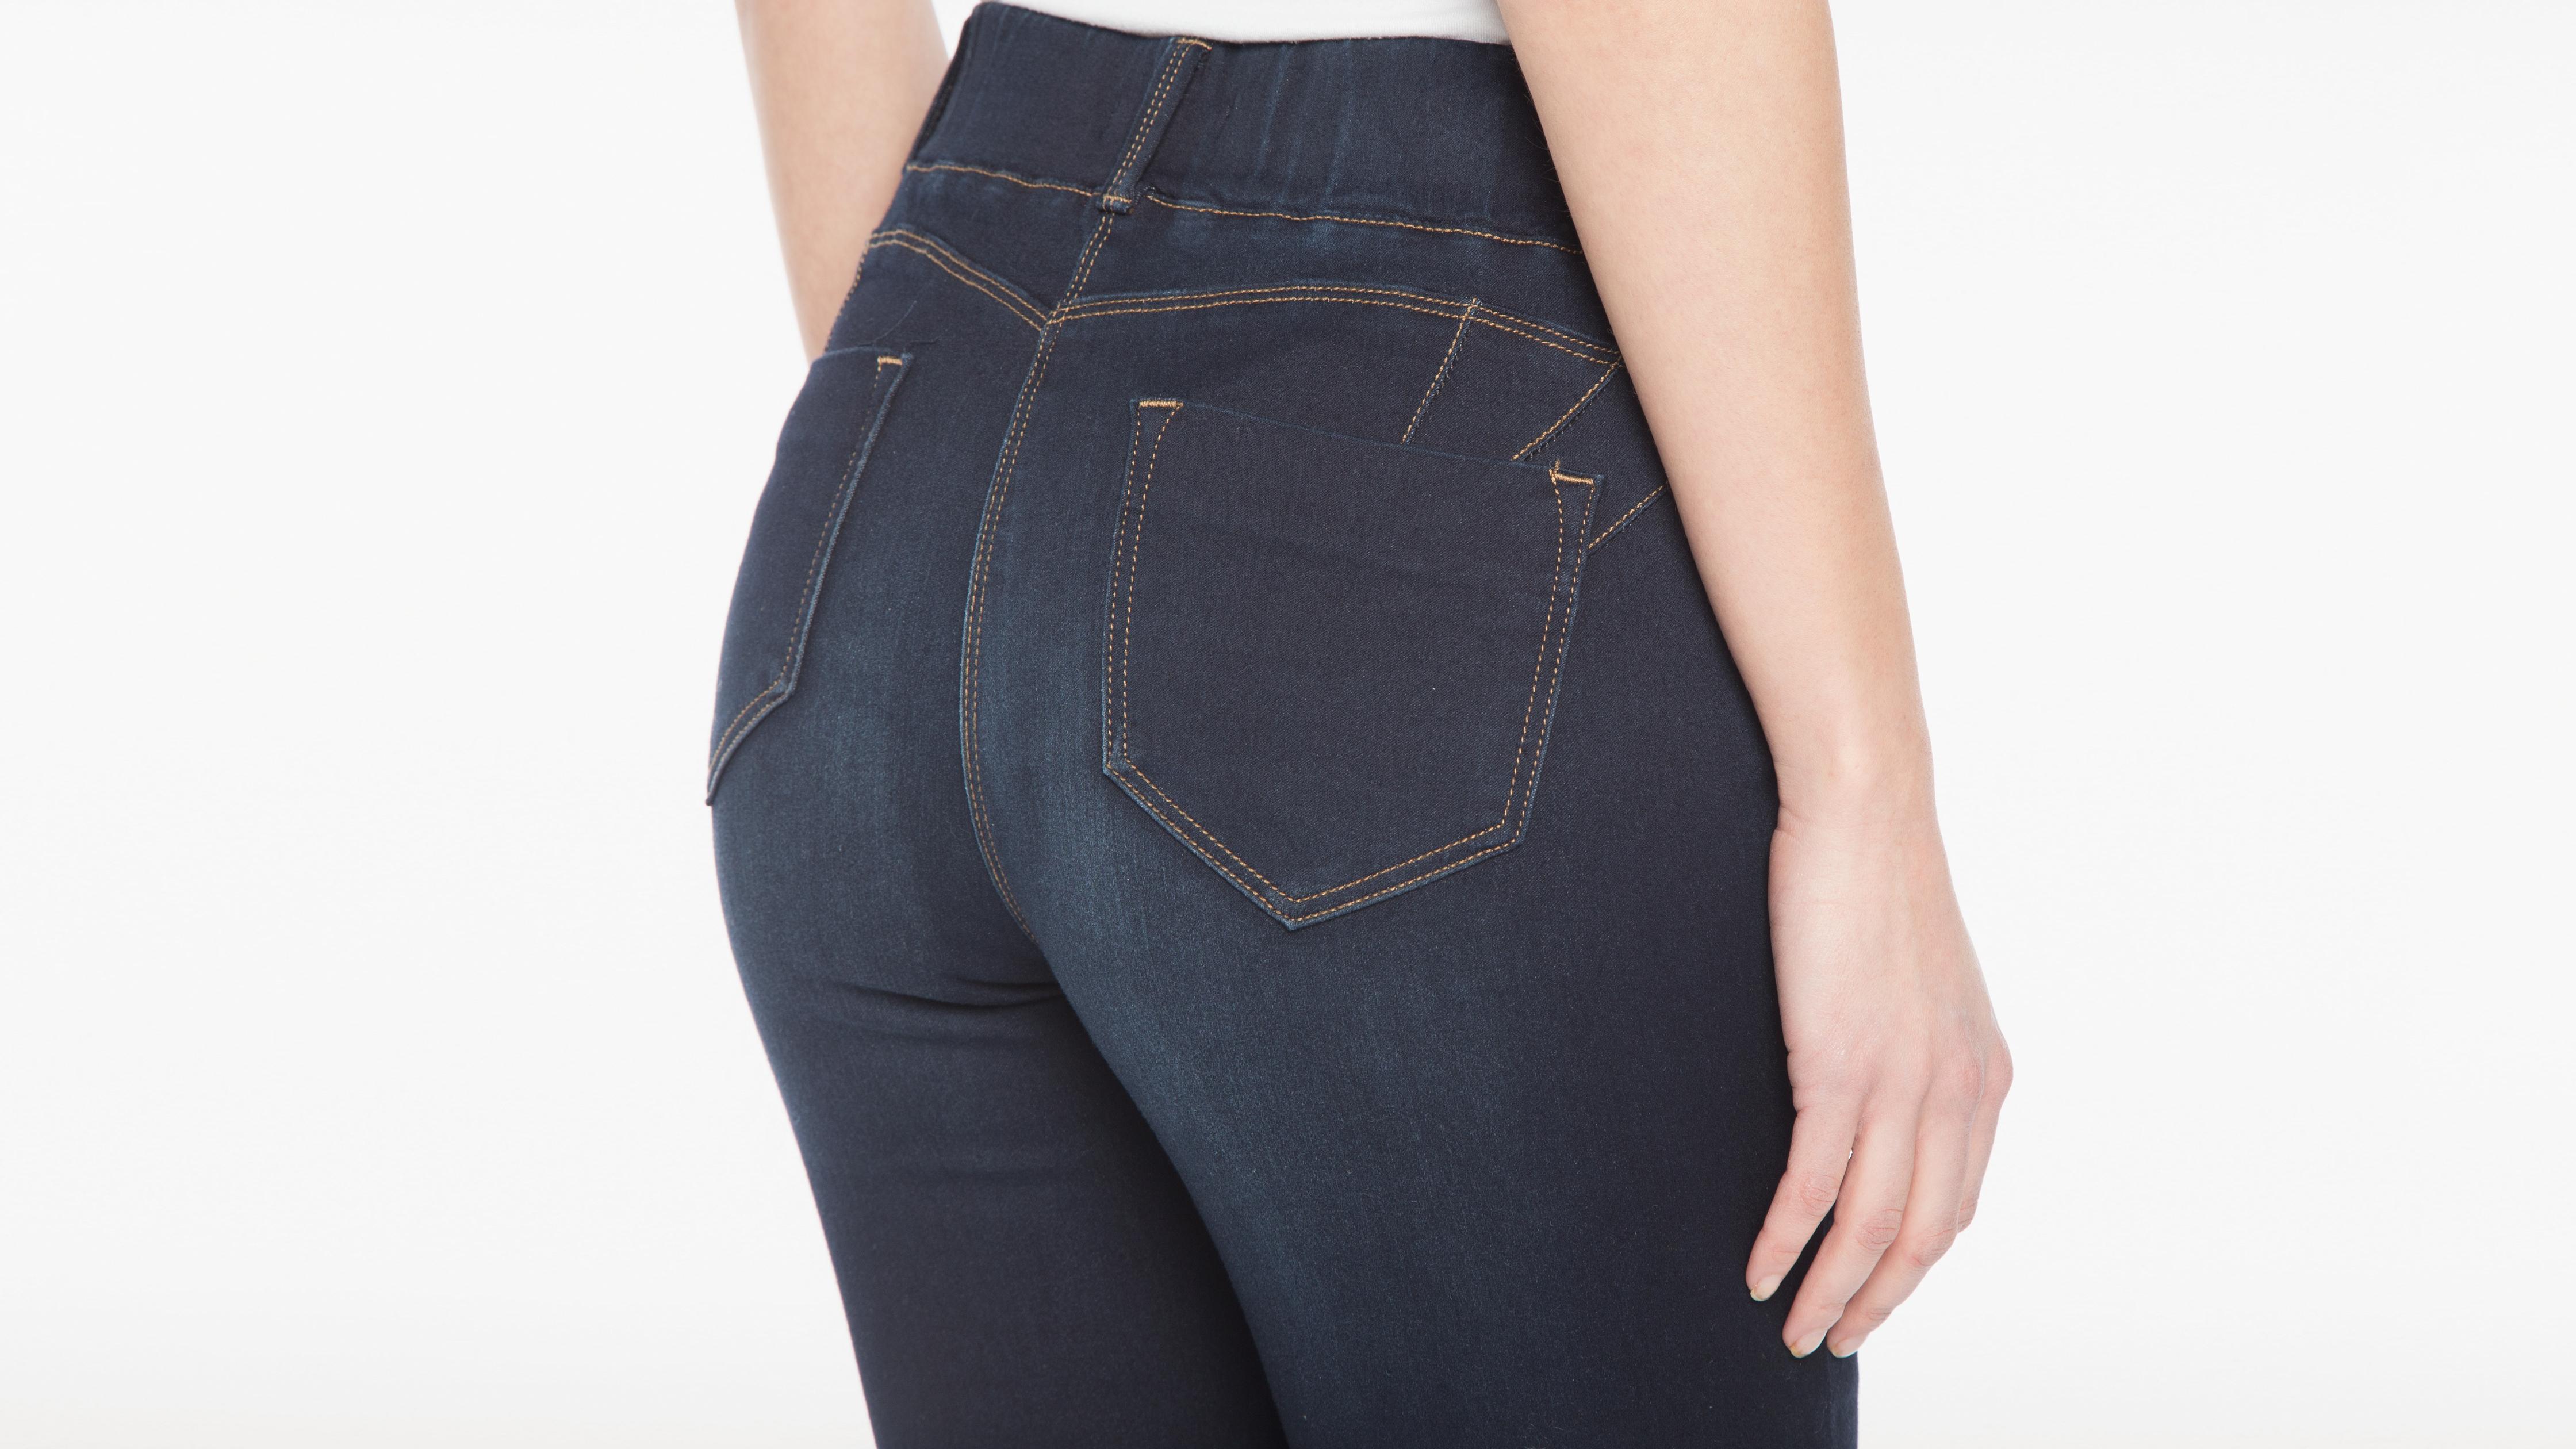 Ultra Femme Jeans Denim Tregging Brut Confort FKcTJl1